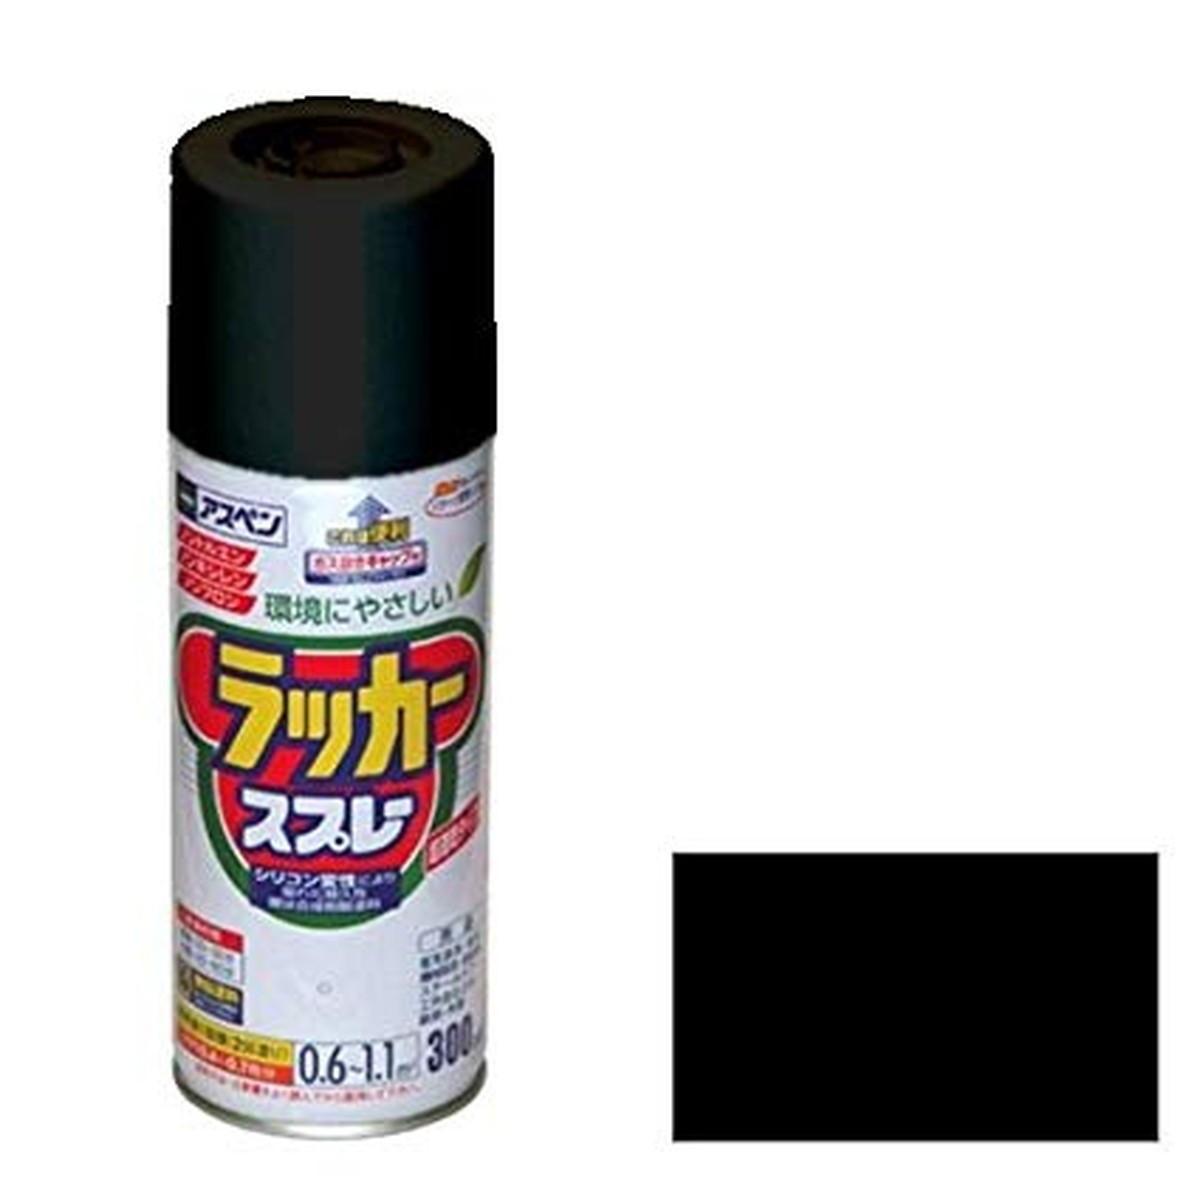 アサヒペン アスペン ラッカースプレー 300mL ツヤケシ黒